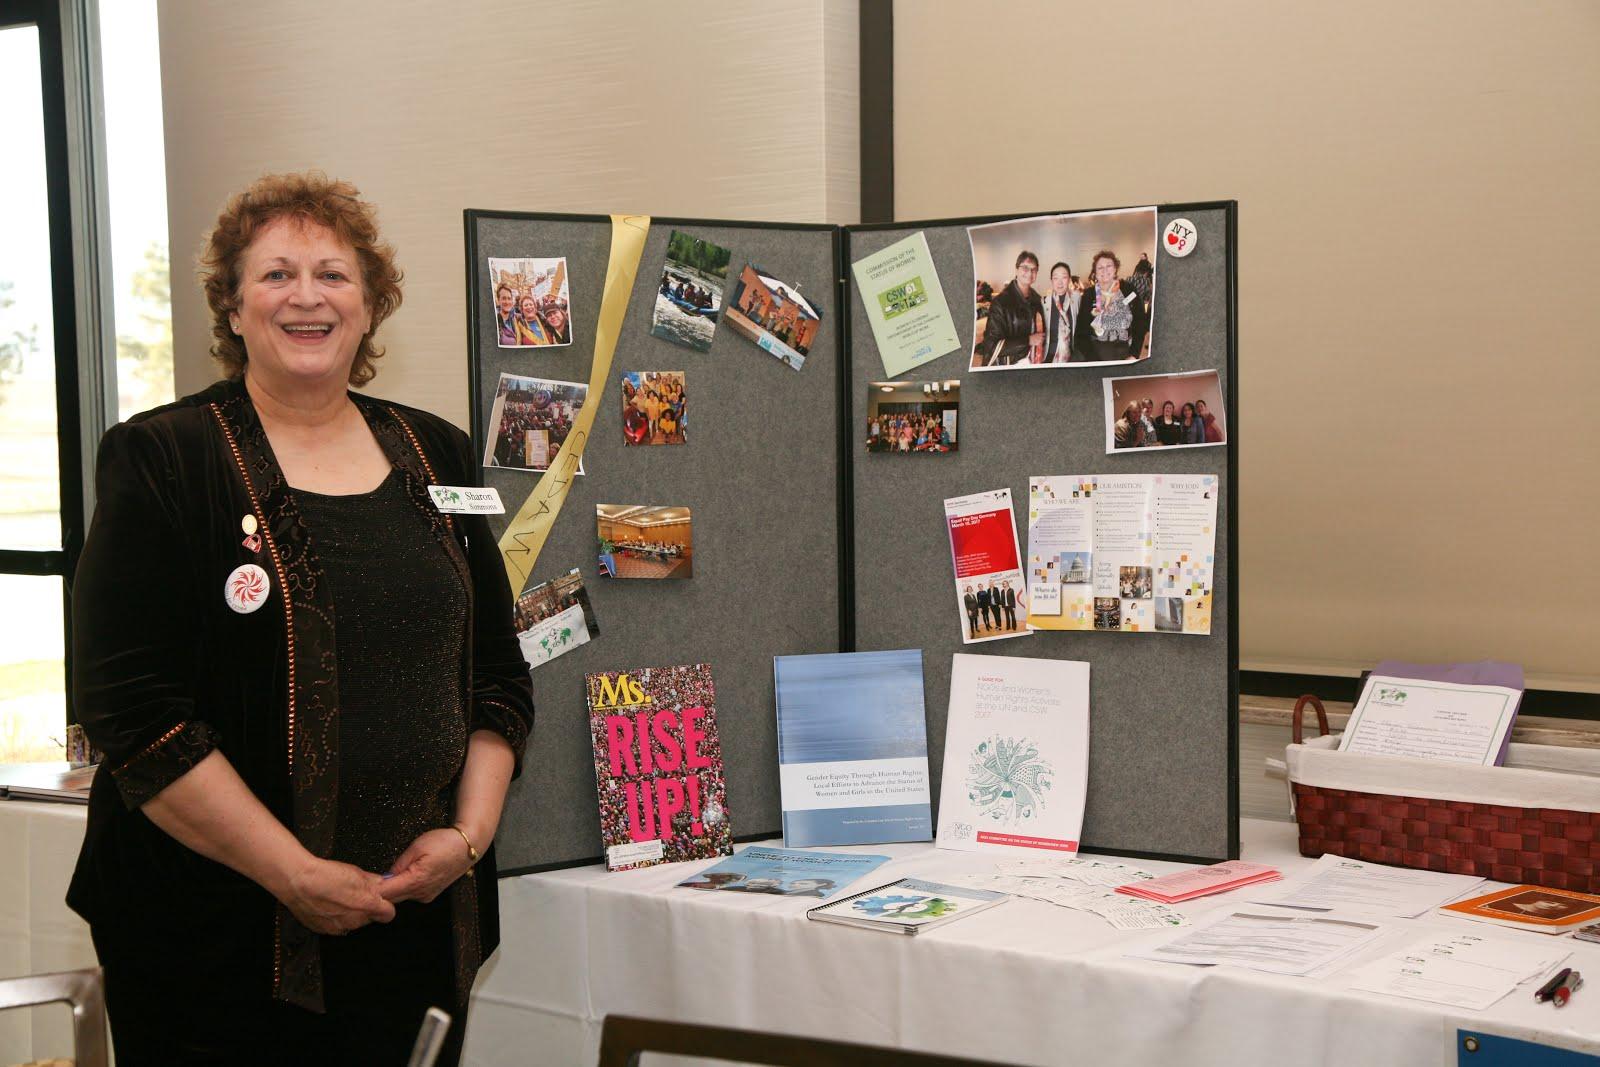 Sharon Simmons, BPW Boulder President